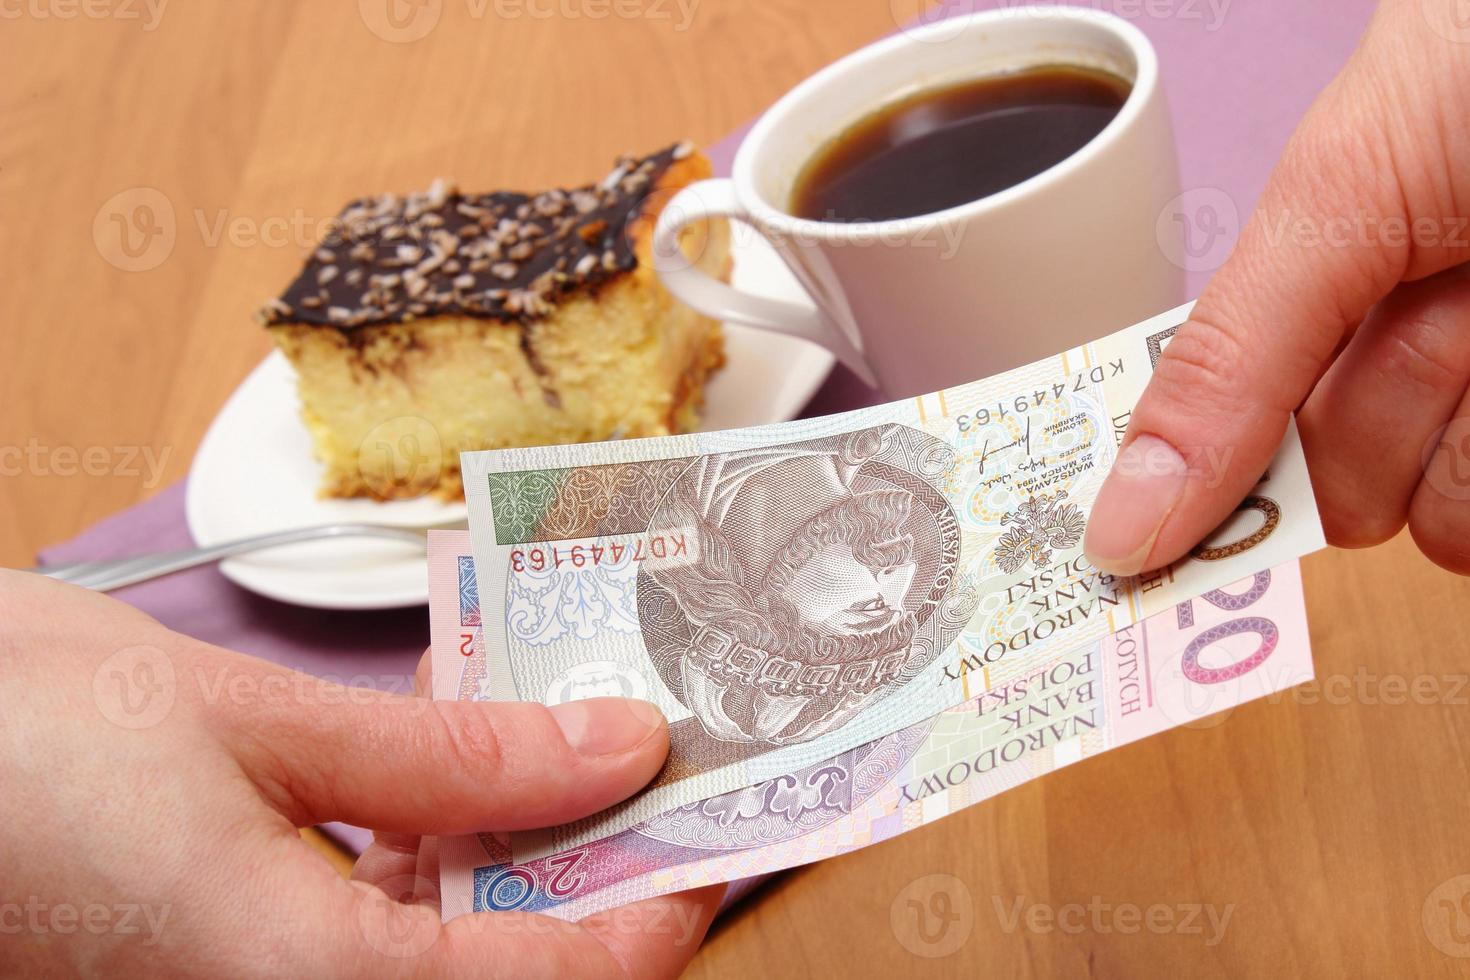 payer pour le gâteau au fromage et le café dans le café, le concept de finance photo